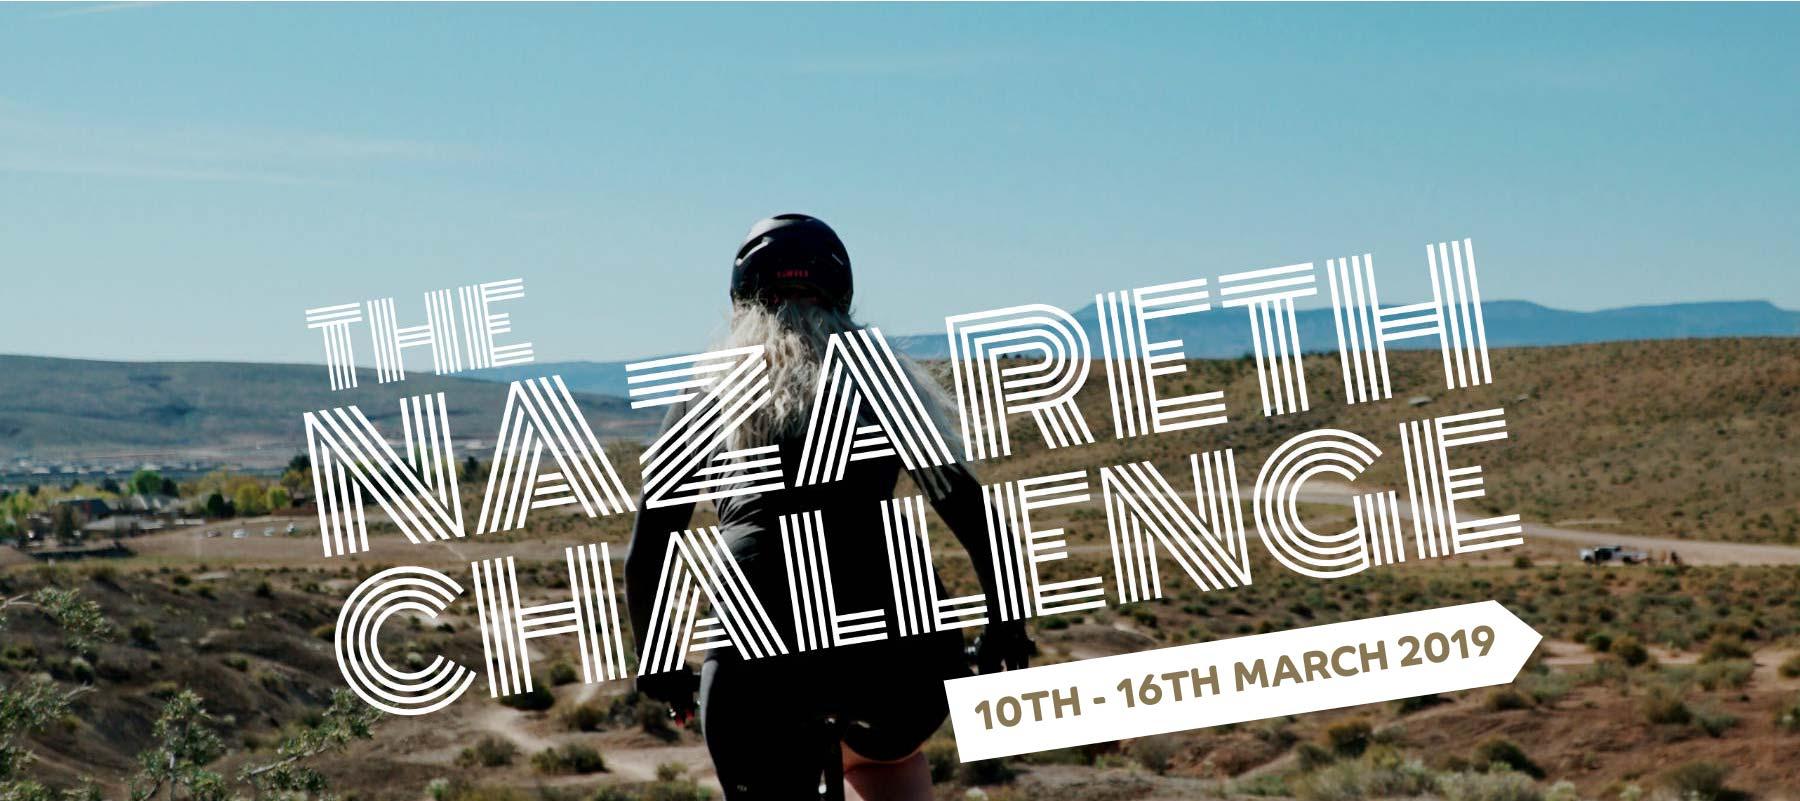 Nazareth Challenge Update